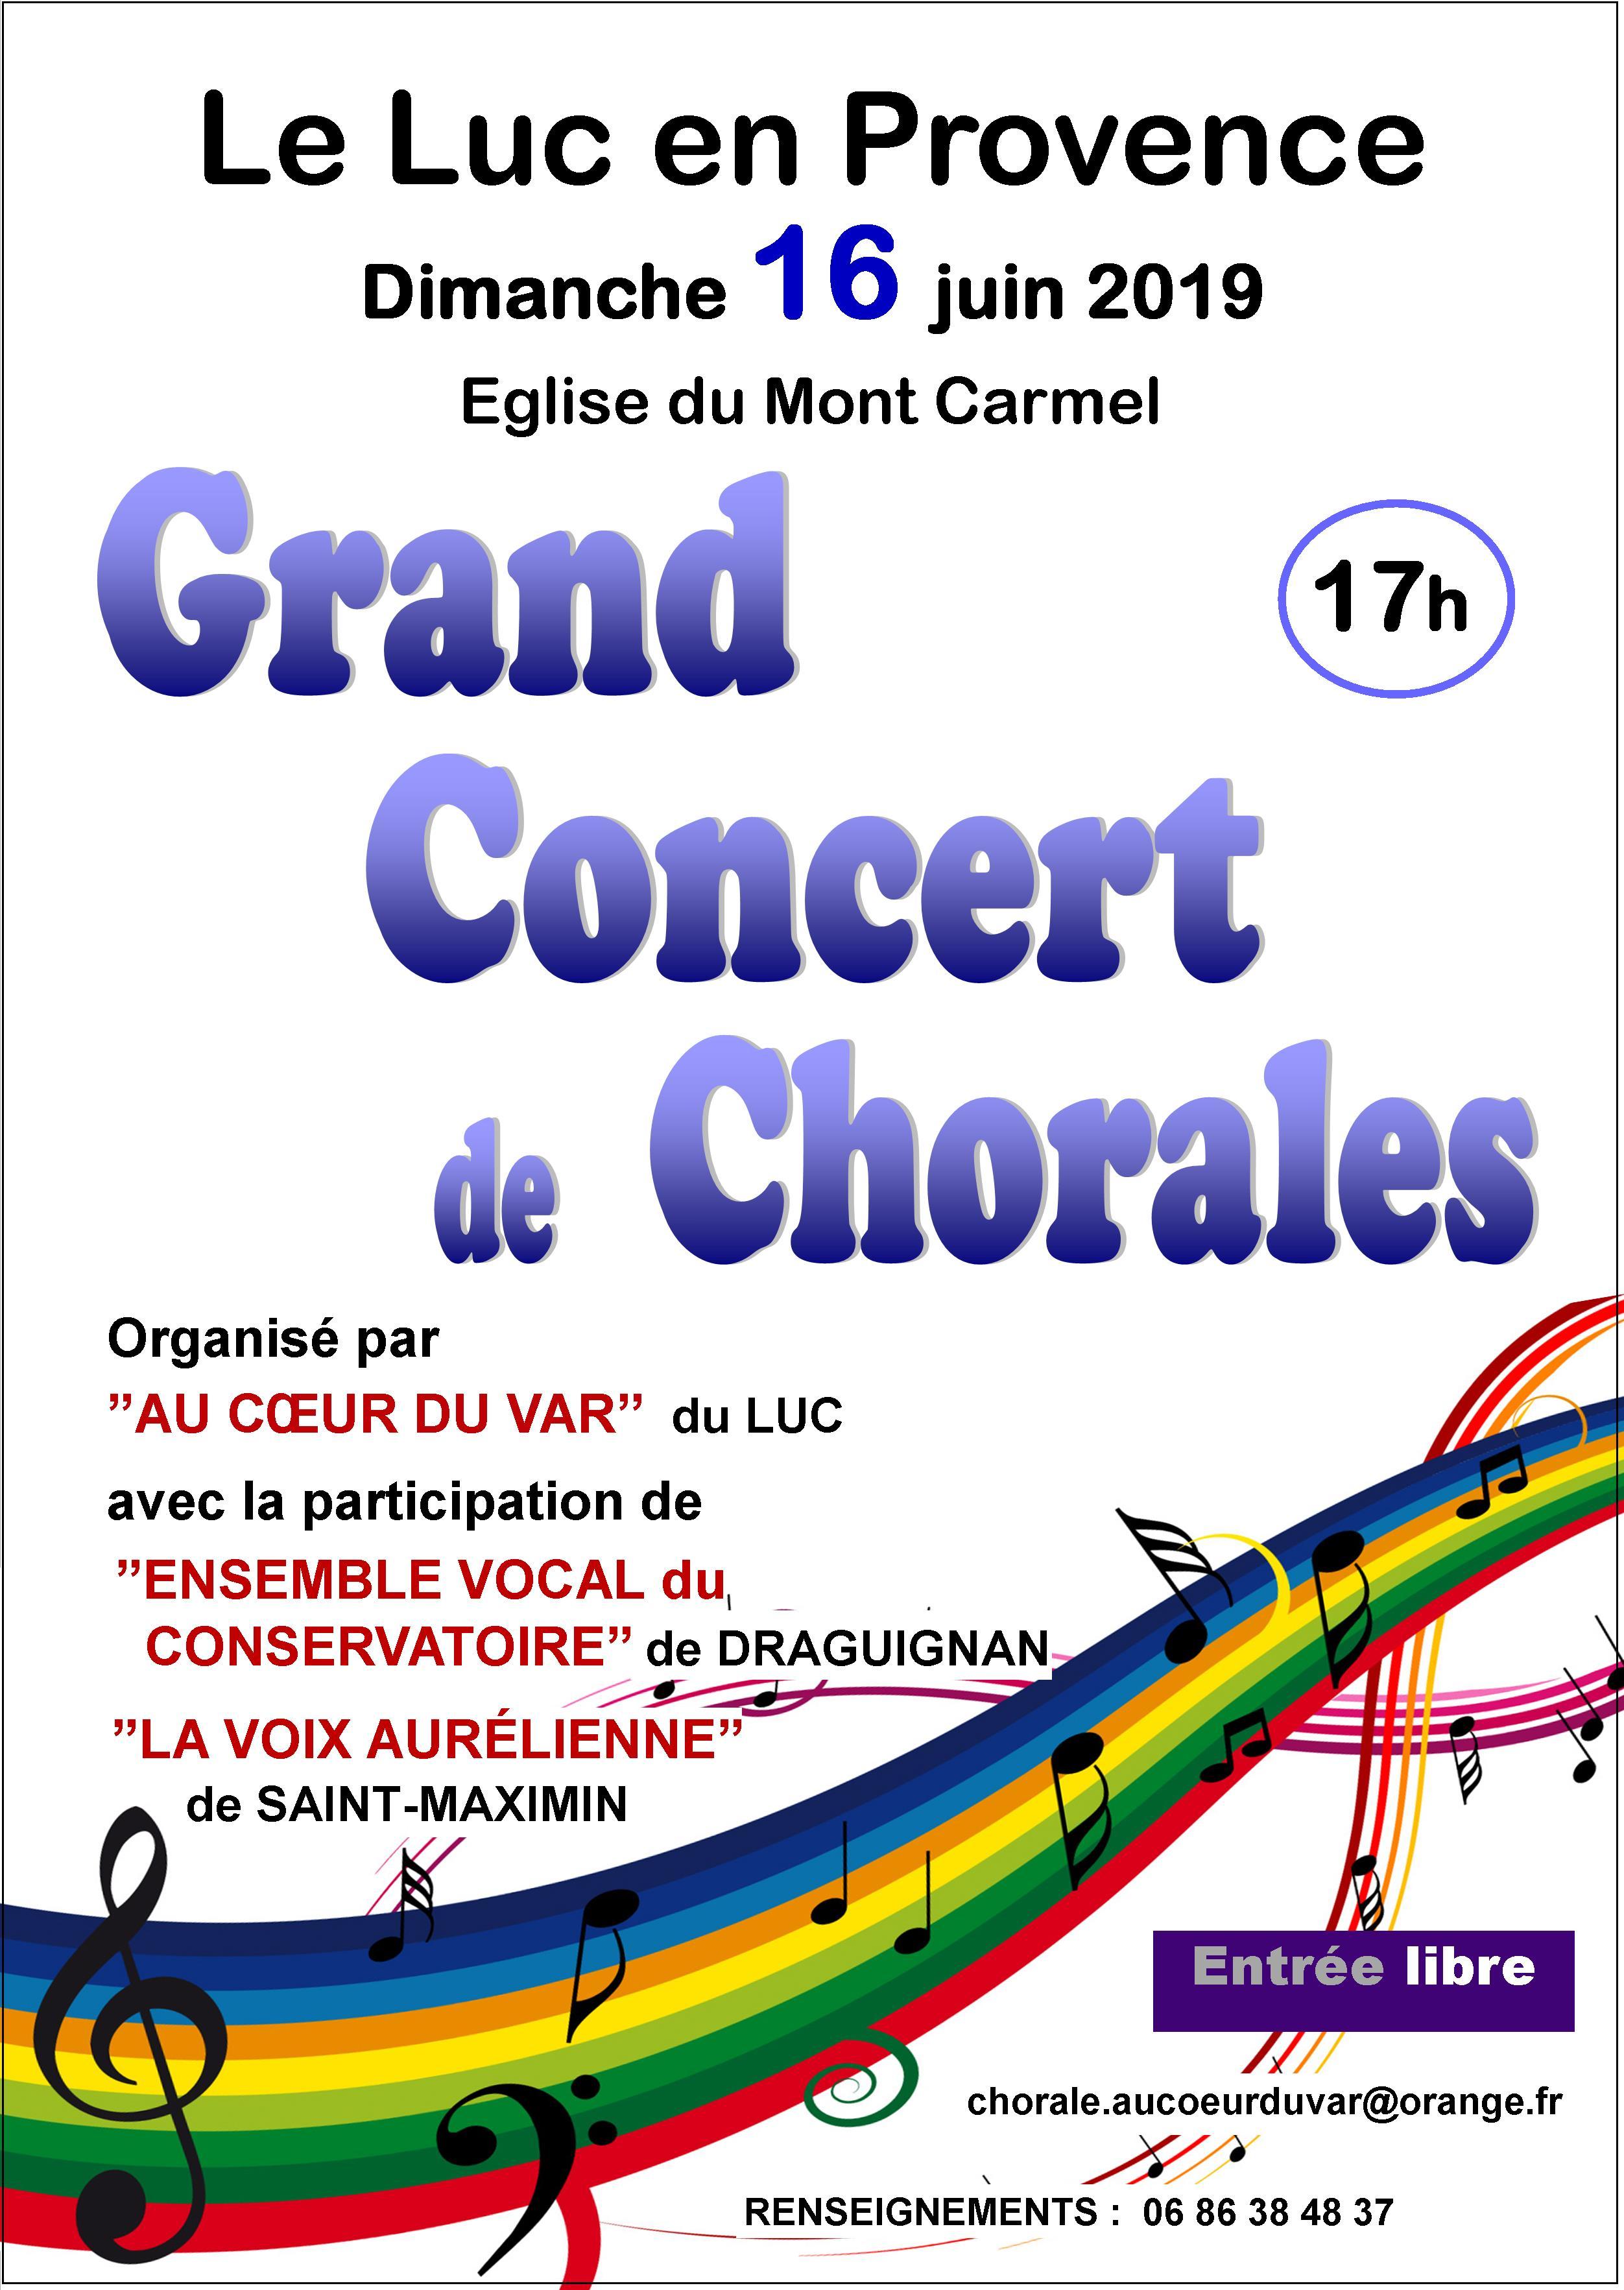 Dimanche 16 juin, Concert de chorales